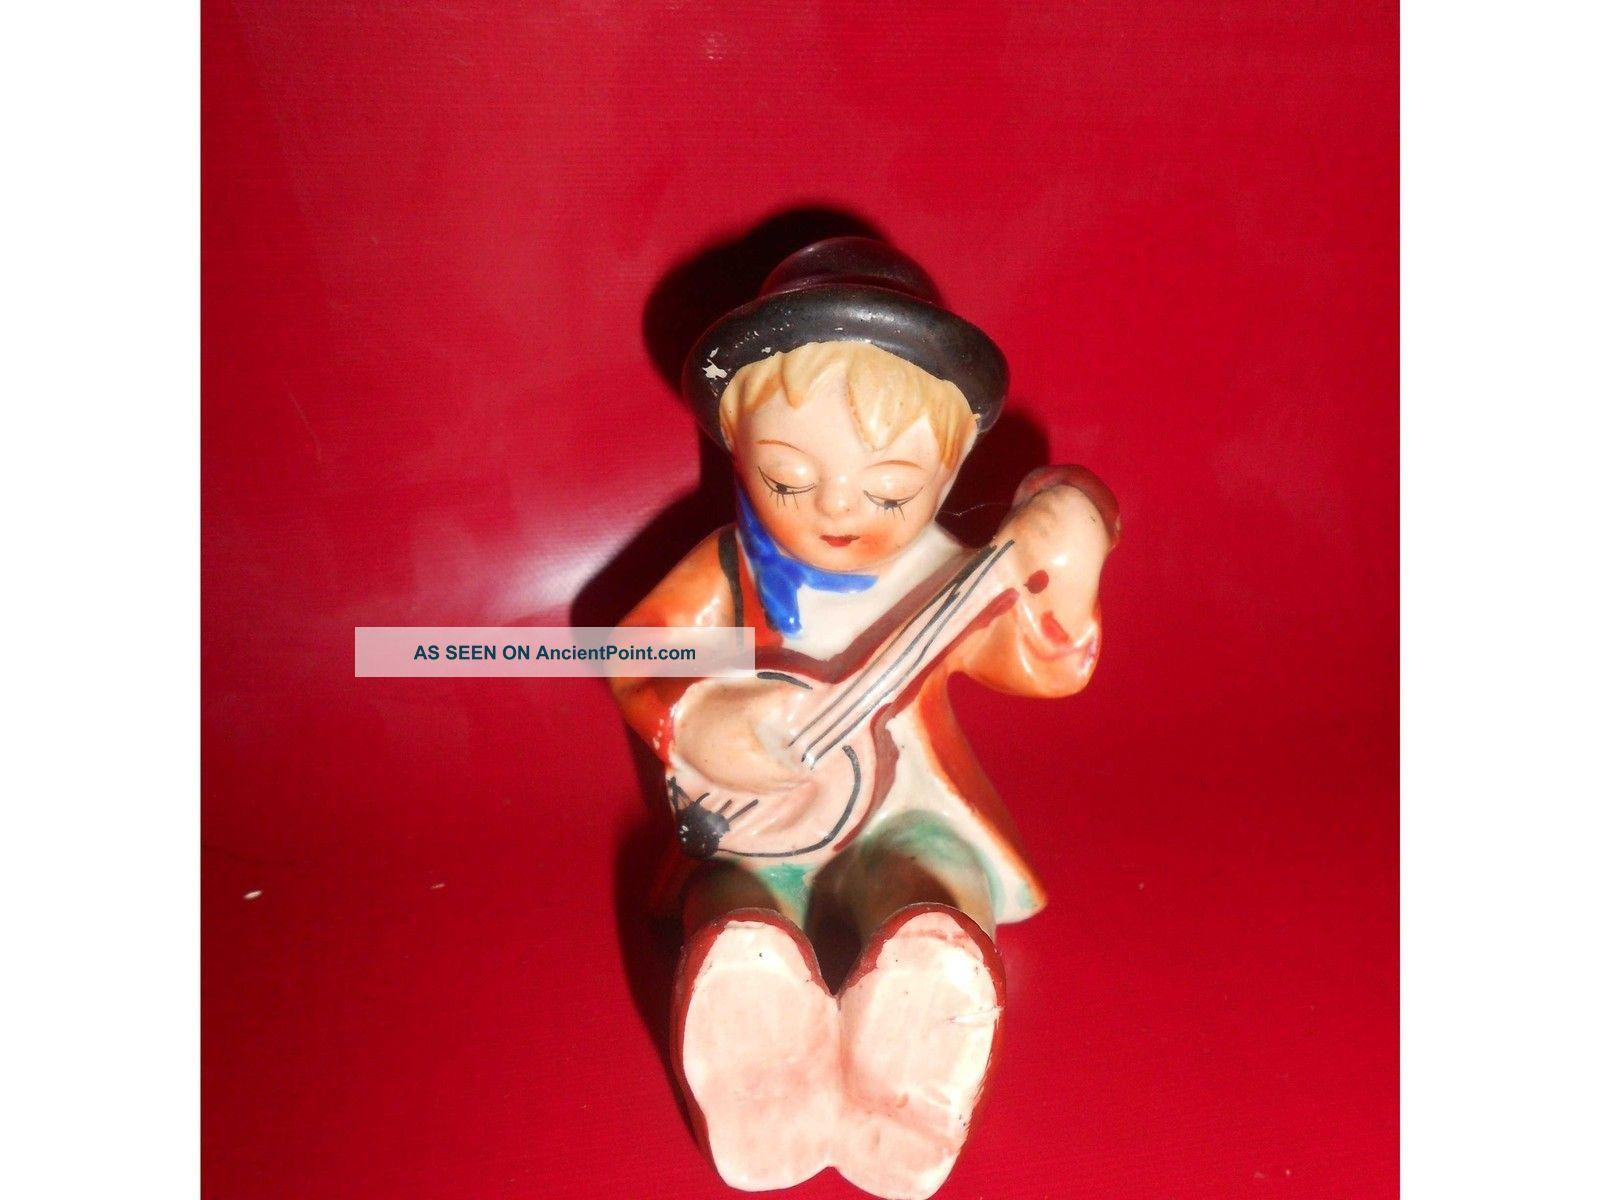 Antique Figurine Figurines photo